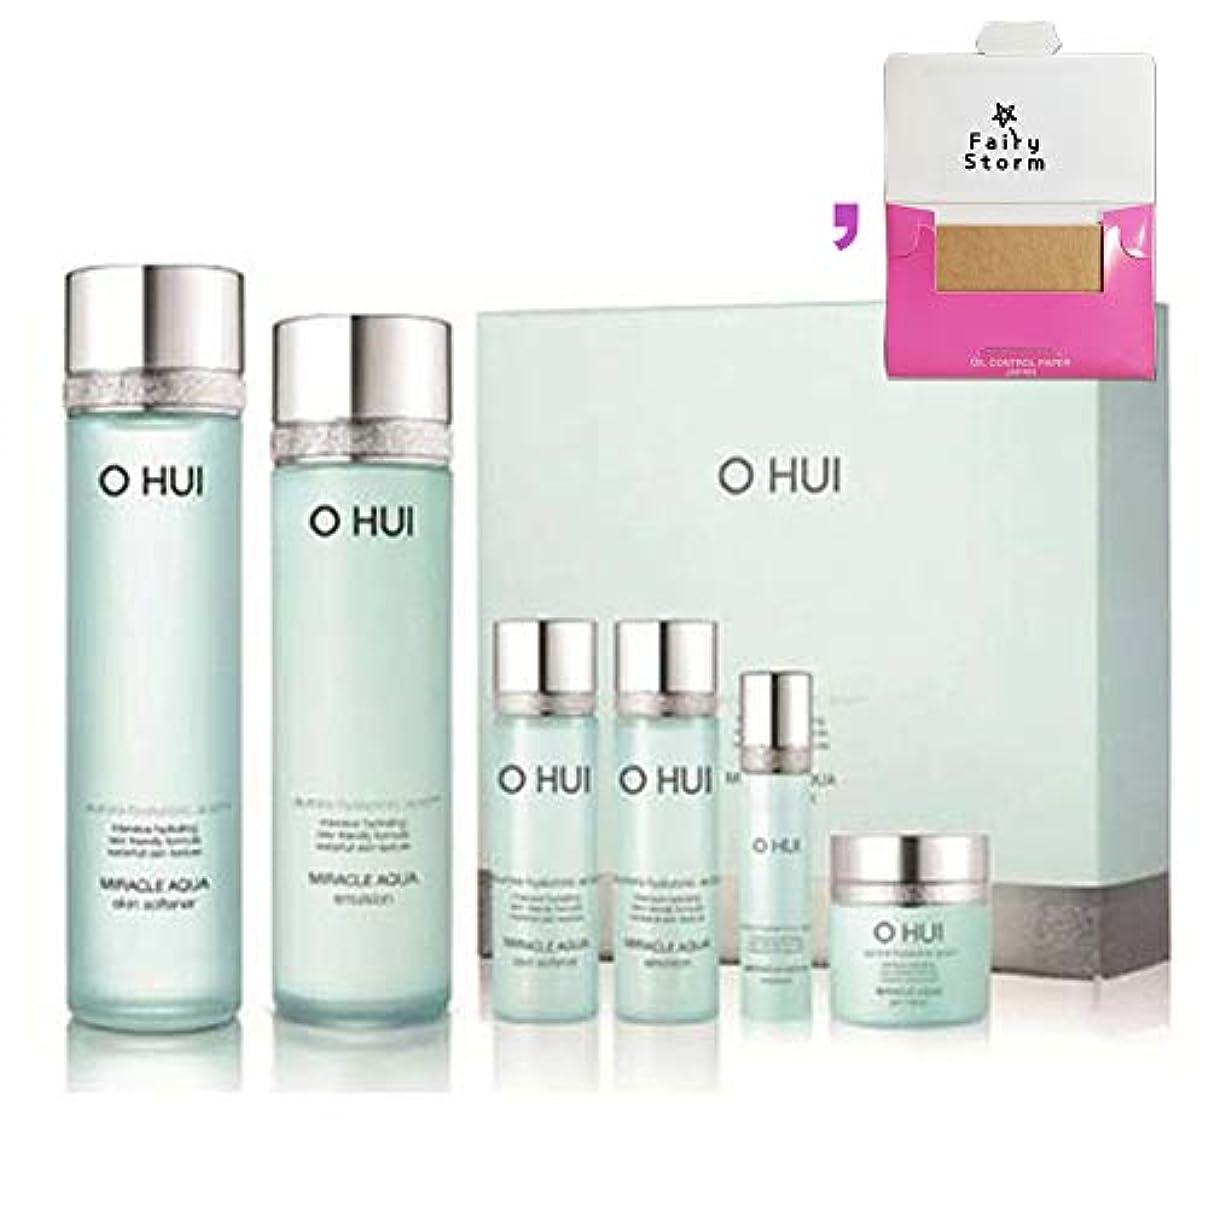 肯定的ブレークスツール[オフィ/O HUI]韓国化粧品LG生活健康/O HUI MIRACLE AQUA SPECIAL 2EA SET/ミラクルアクア 2種セット+[Sample Gift](海外直送品)